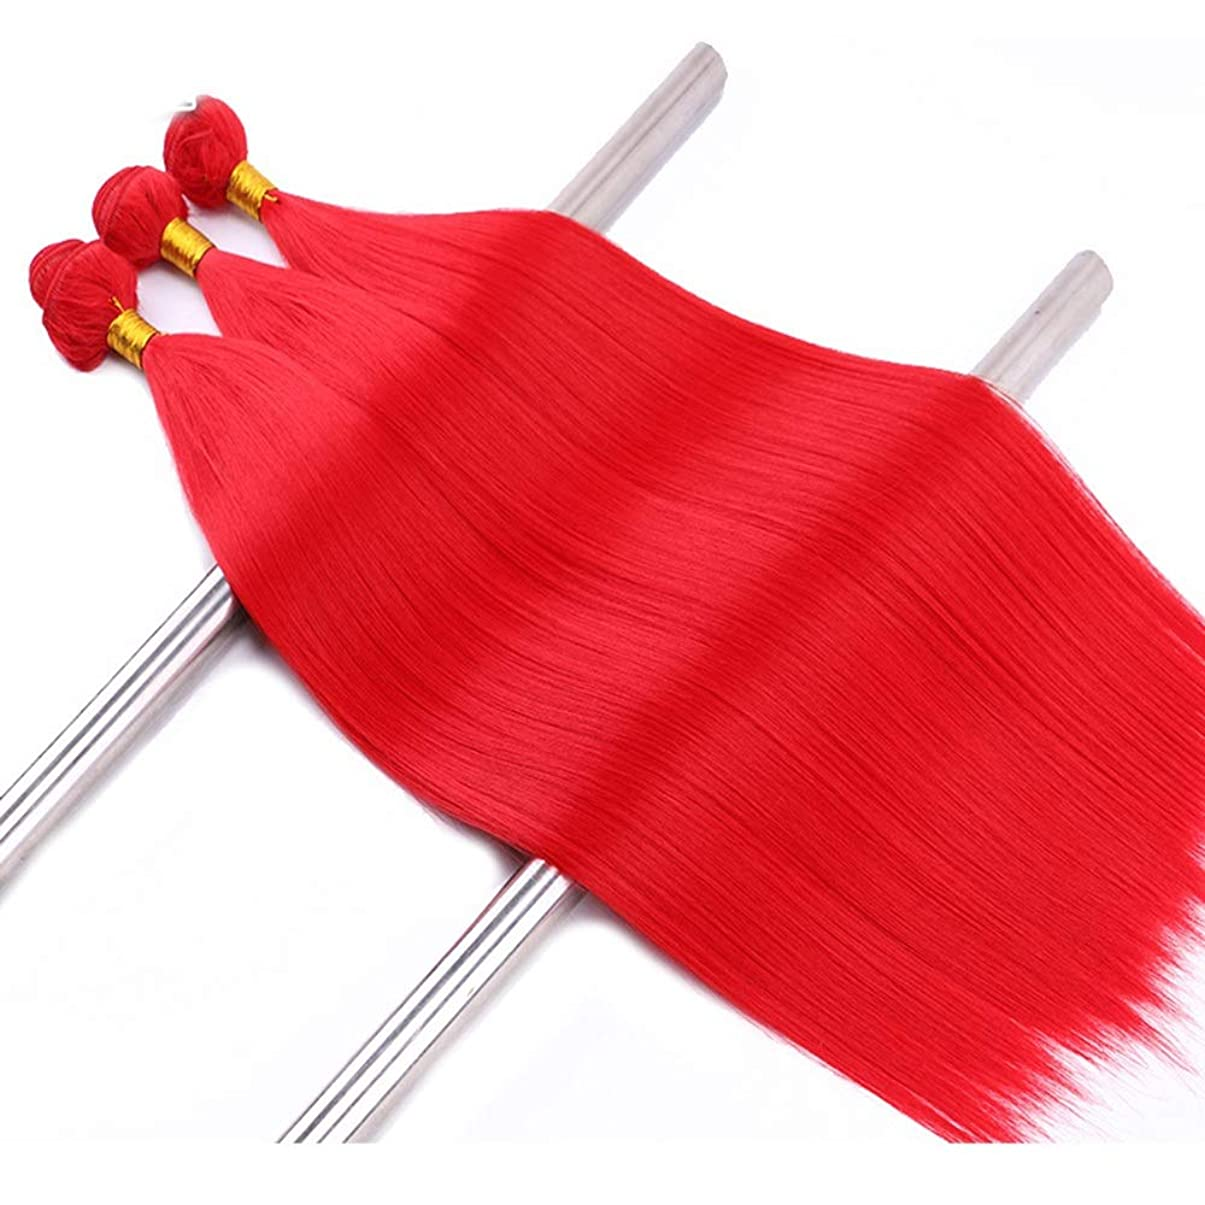 学生スプーンプリーツHOHYLLYA レディース赤ストレートヘアカーテン耐熱繊維人工毛ウィッグウィッグ(3束)パーティーウィッグ (色 : Blonde, サイズ : 22inch)